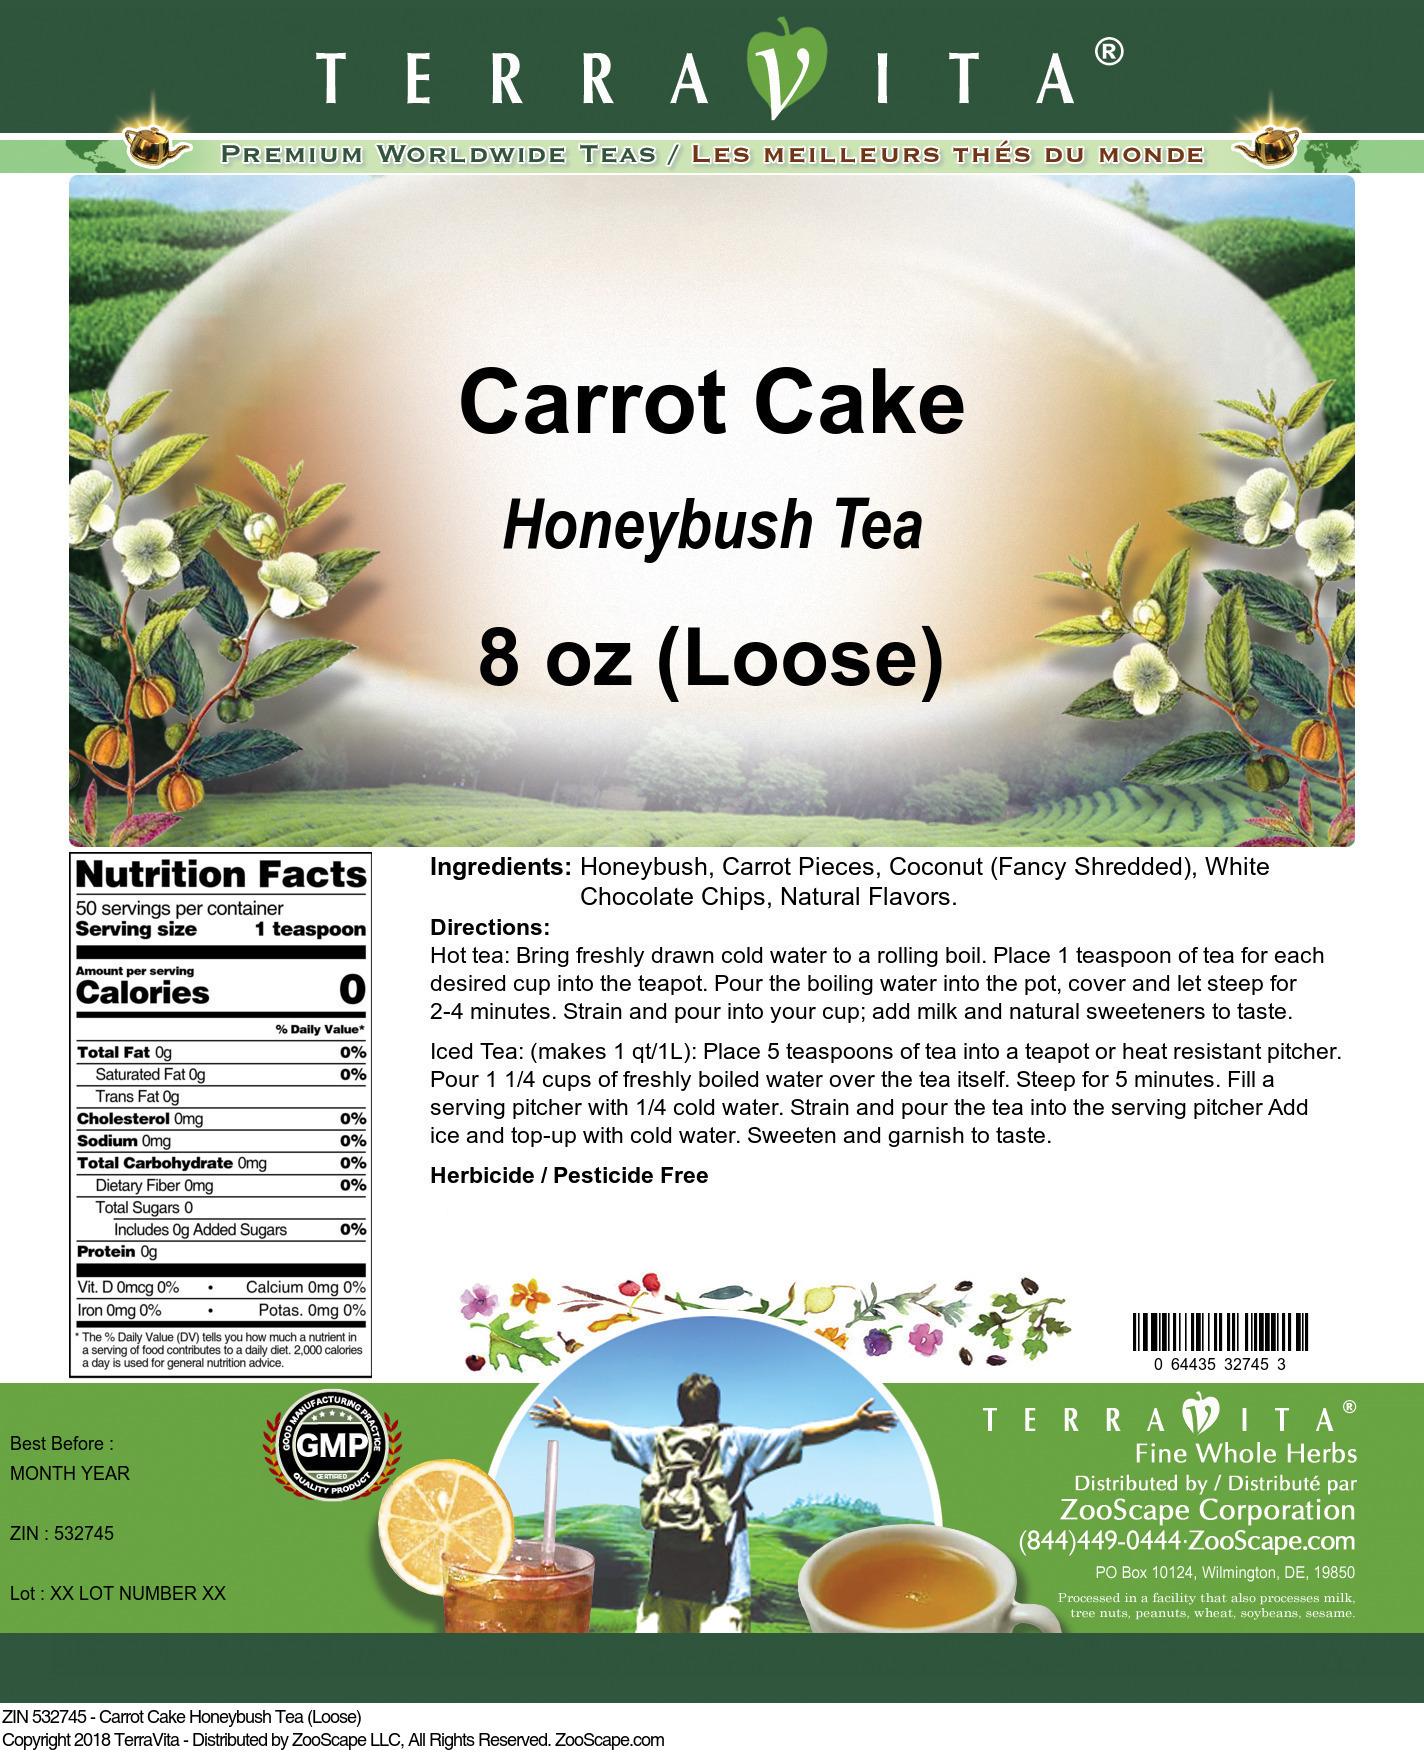 Carrot Cake Honeybush Tea